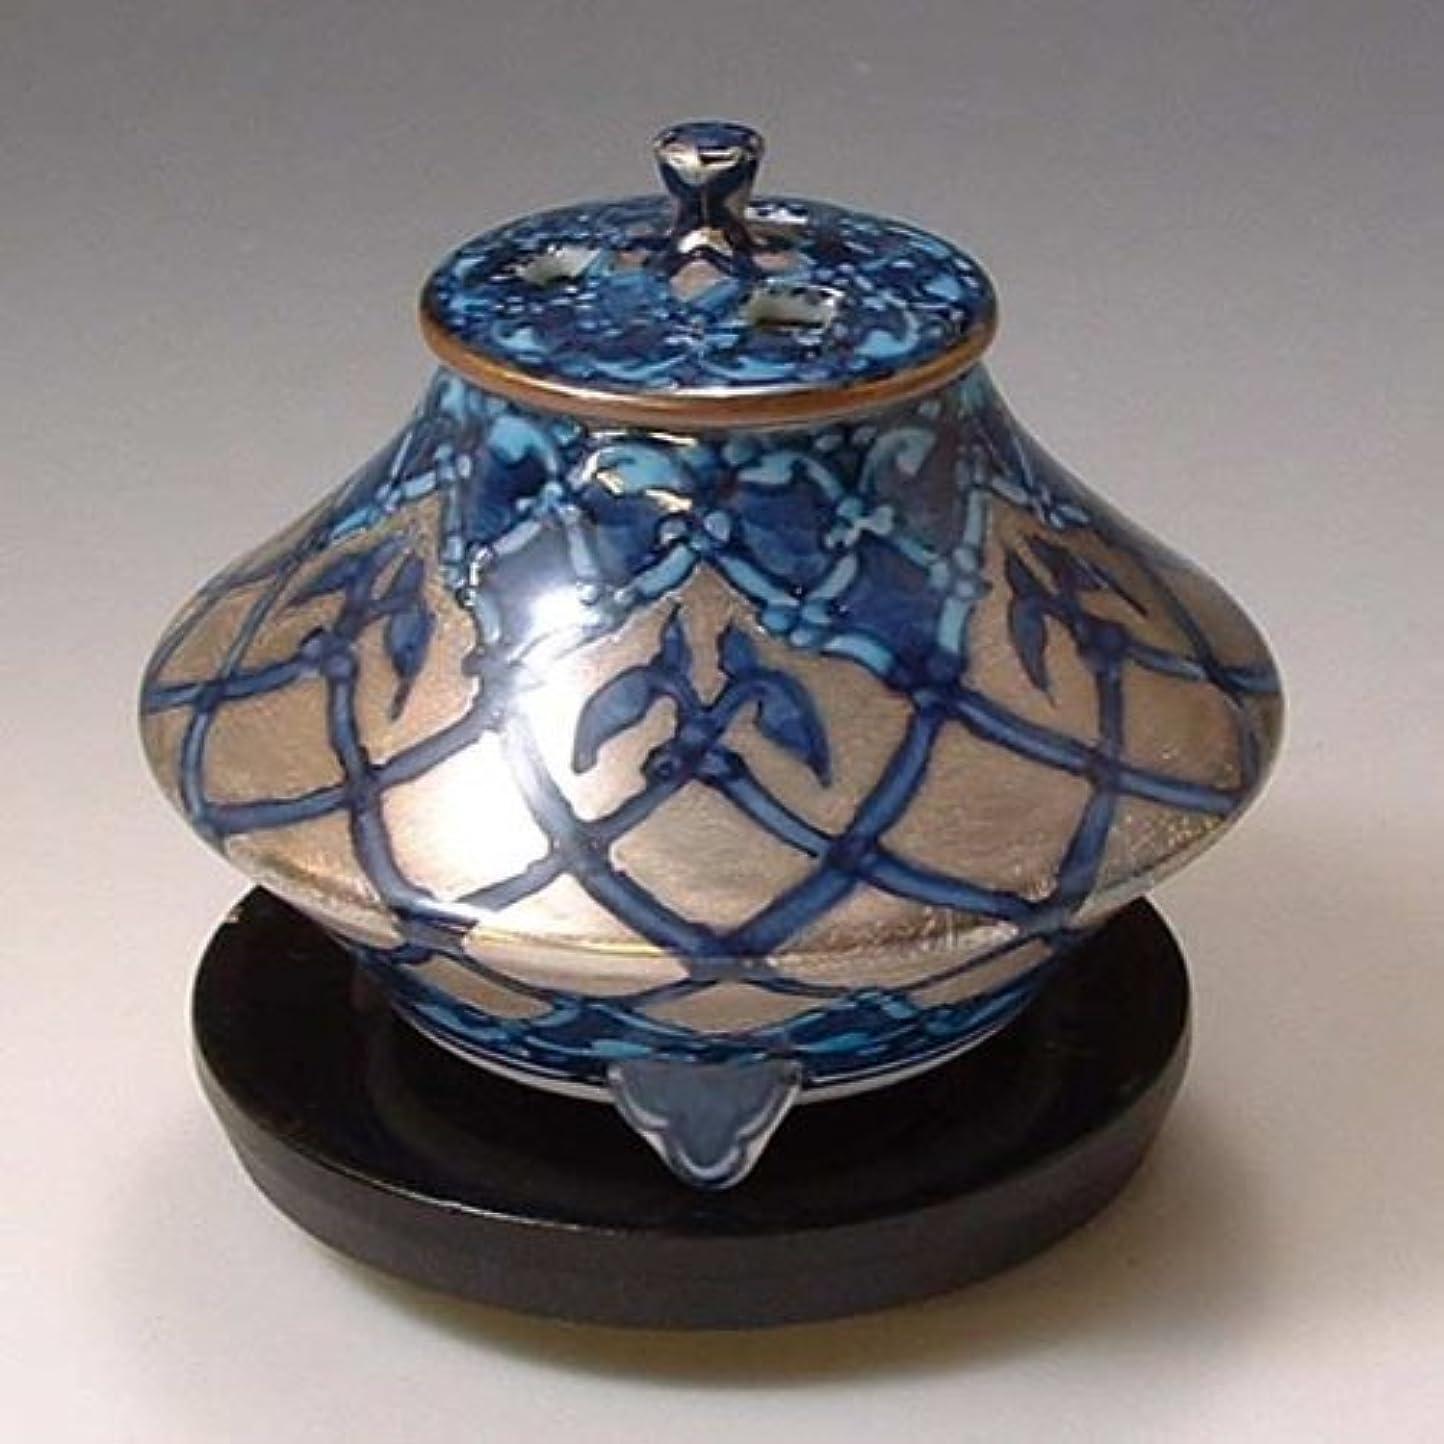 肌寒いましいビート京焼 清水焼 香炉(黒台付) 銀モスク ぎんもすく YKY110